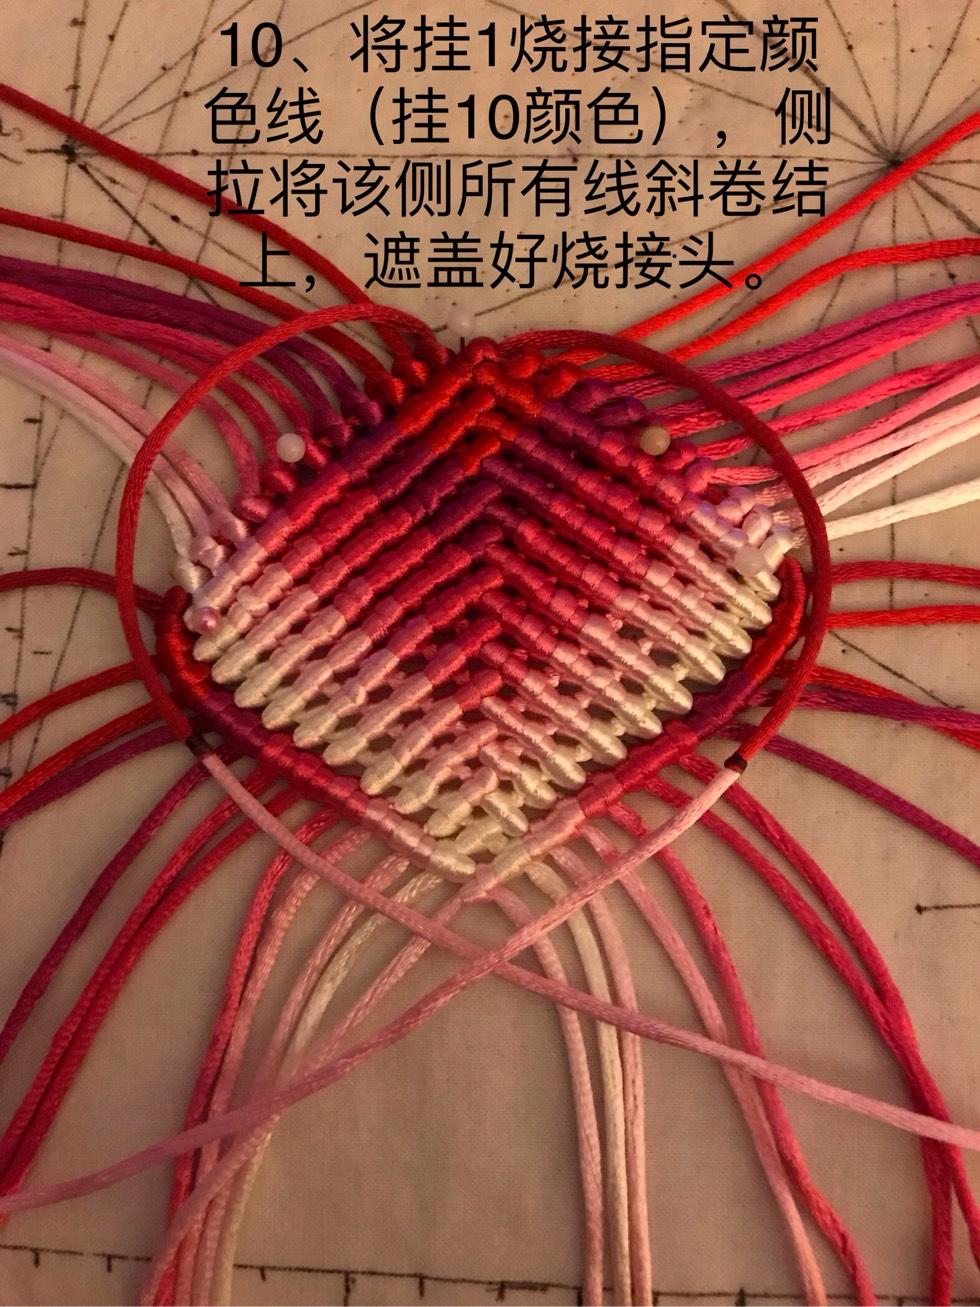 中国结论坛 彩色寿桃过程记录  图文教程区 195056ah6fkh6hkhiexfzx